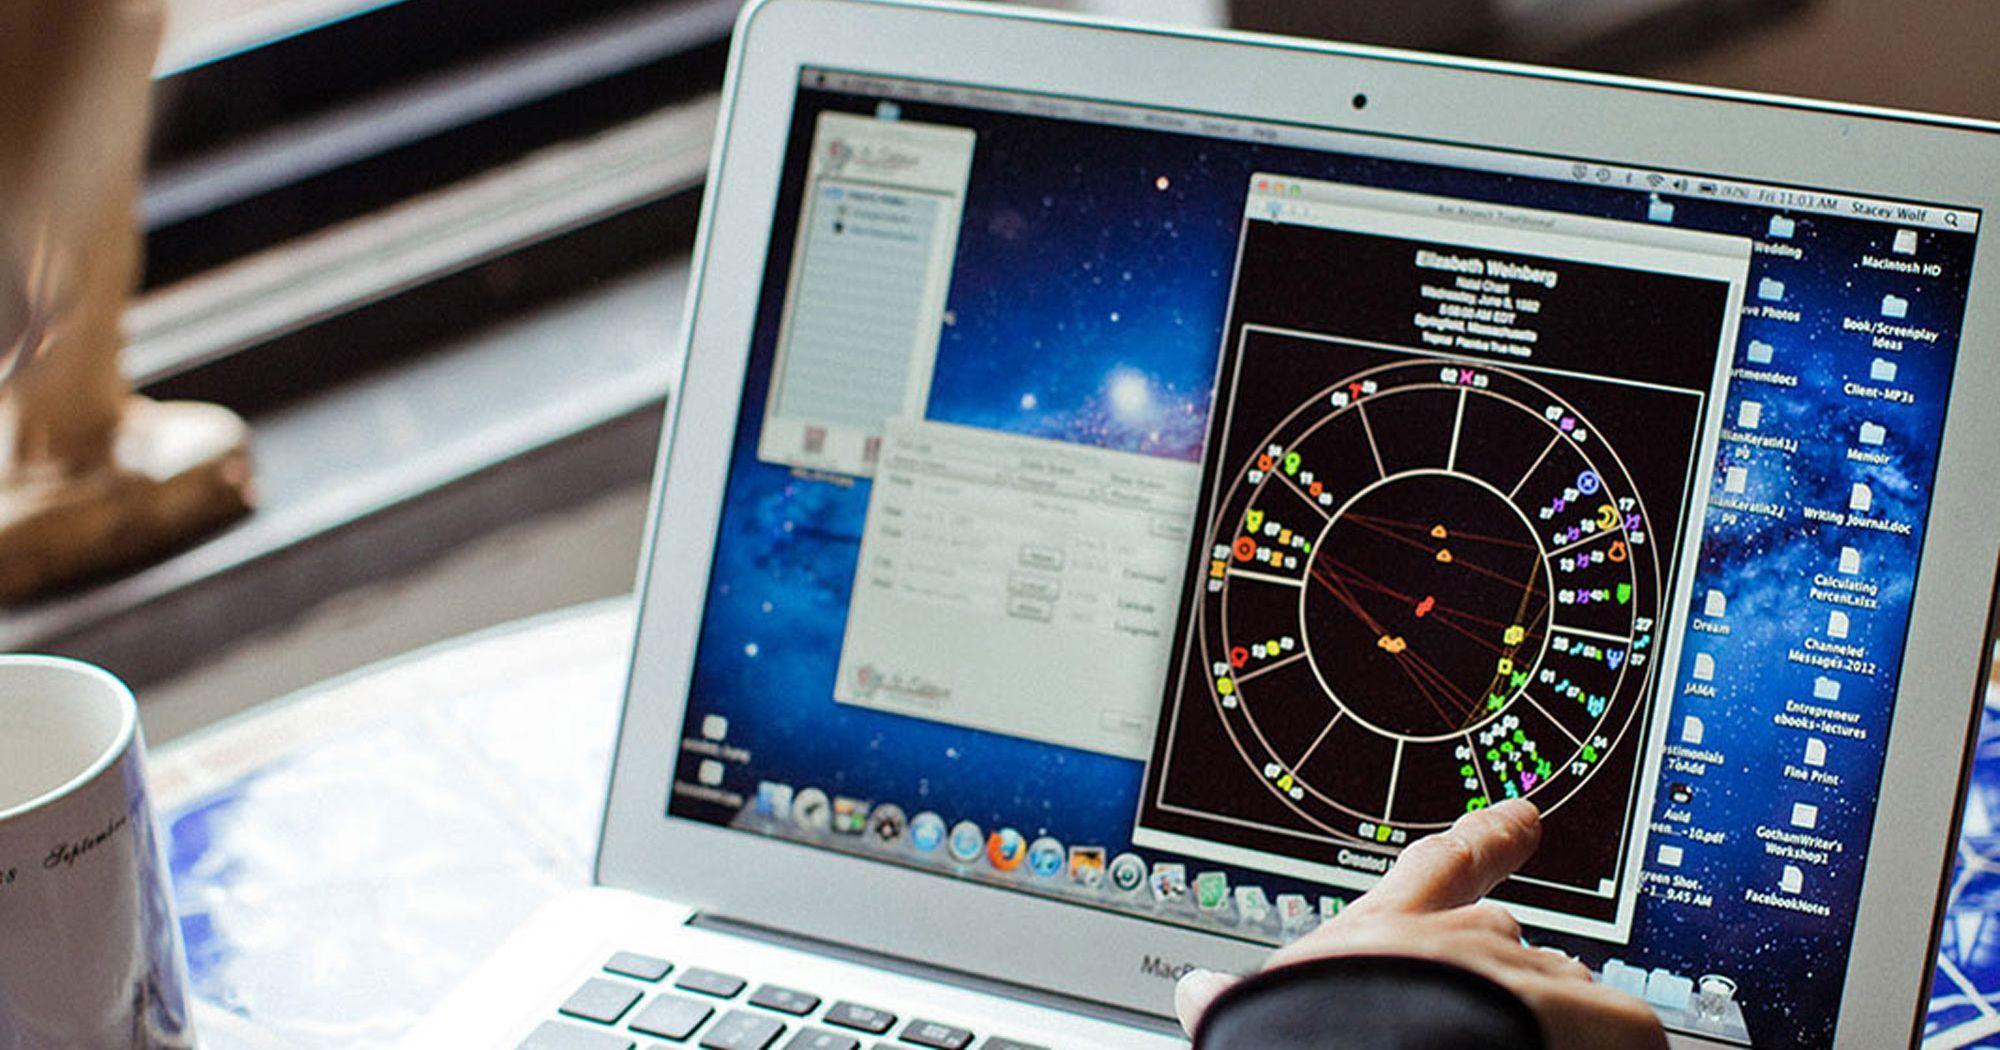 nasa new zodiac signs - HD2000×1050